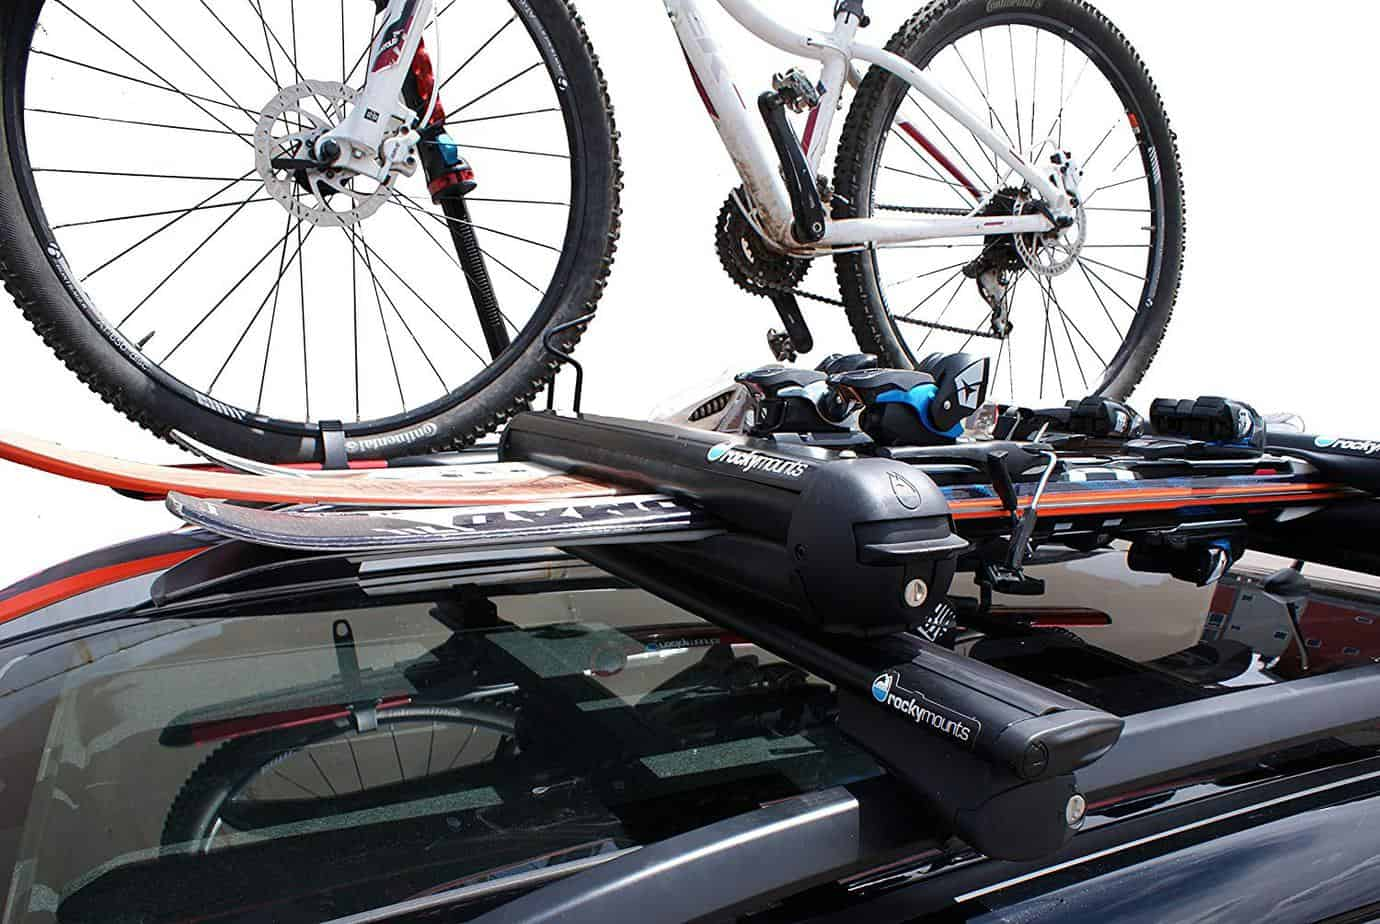 best ski rack for jeep wrangler